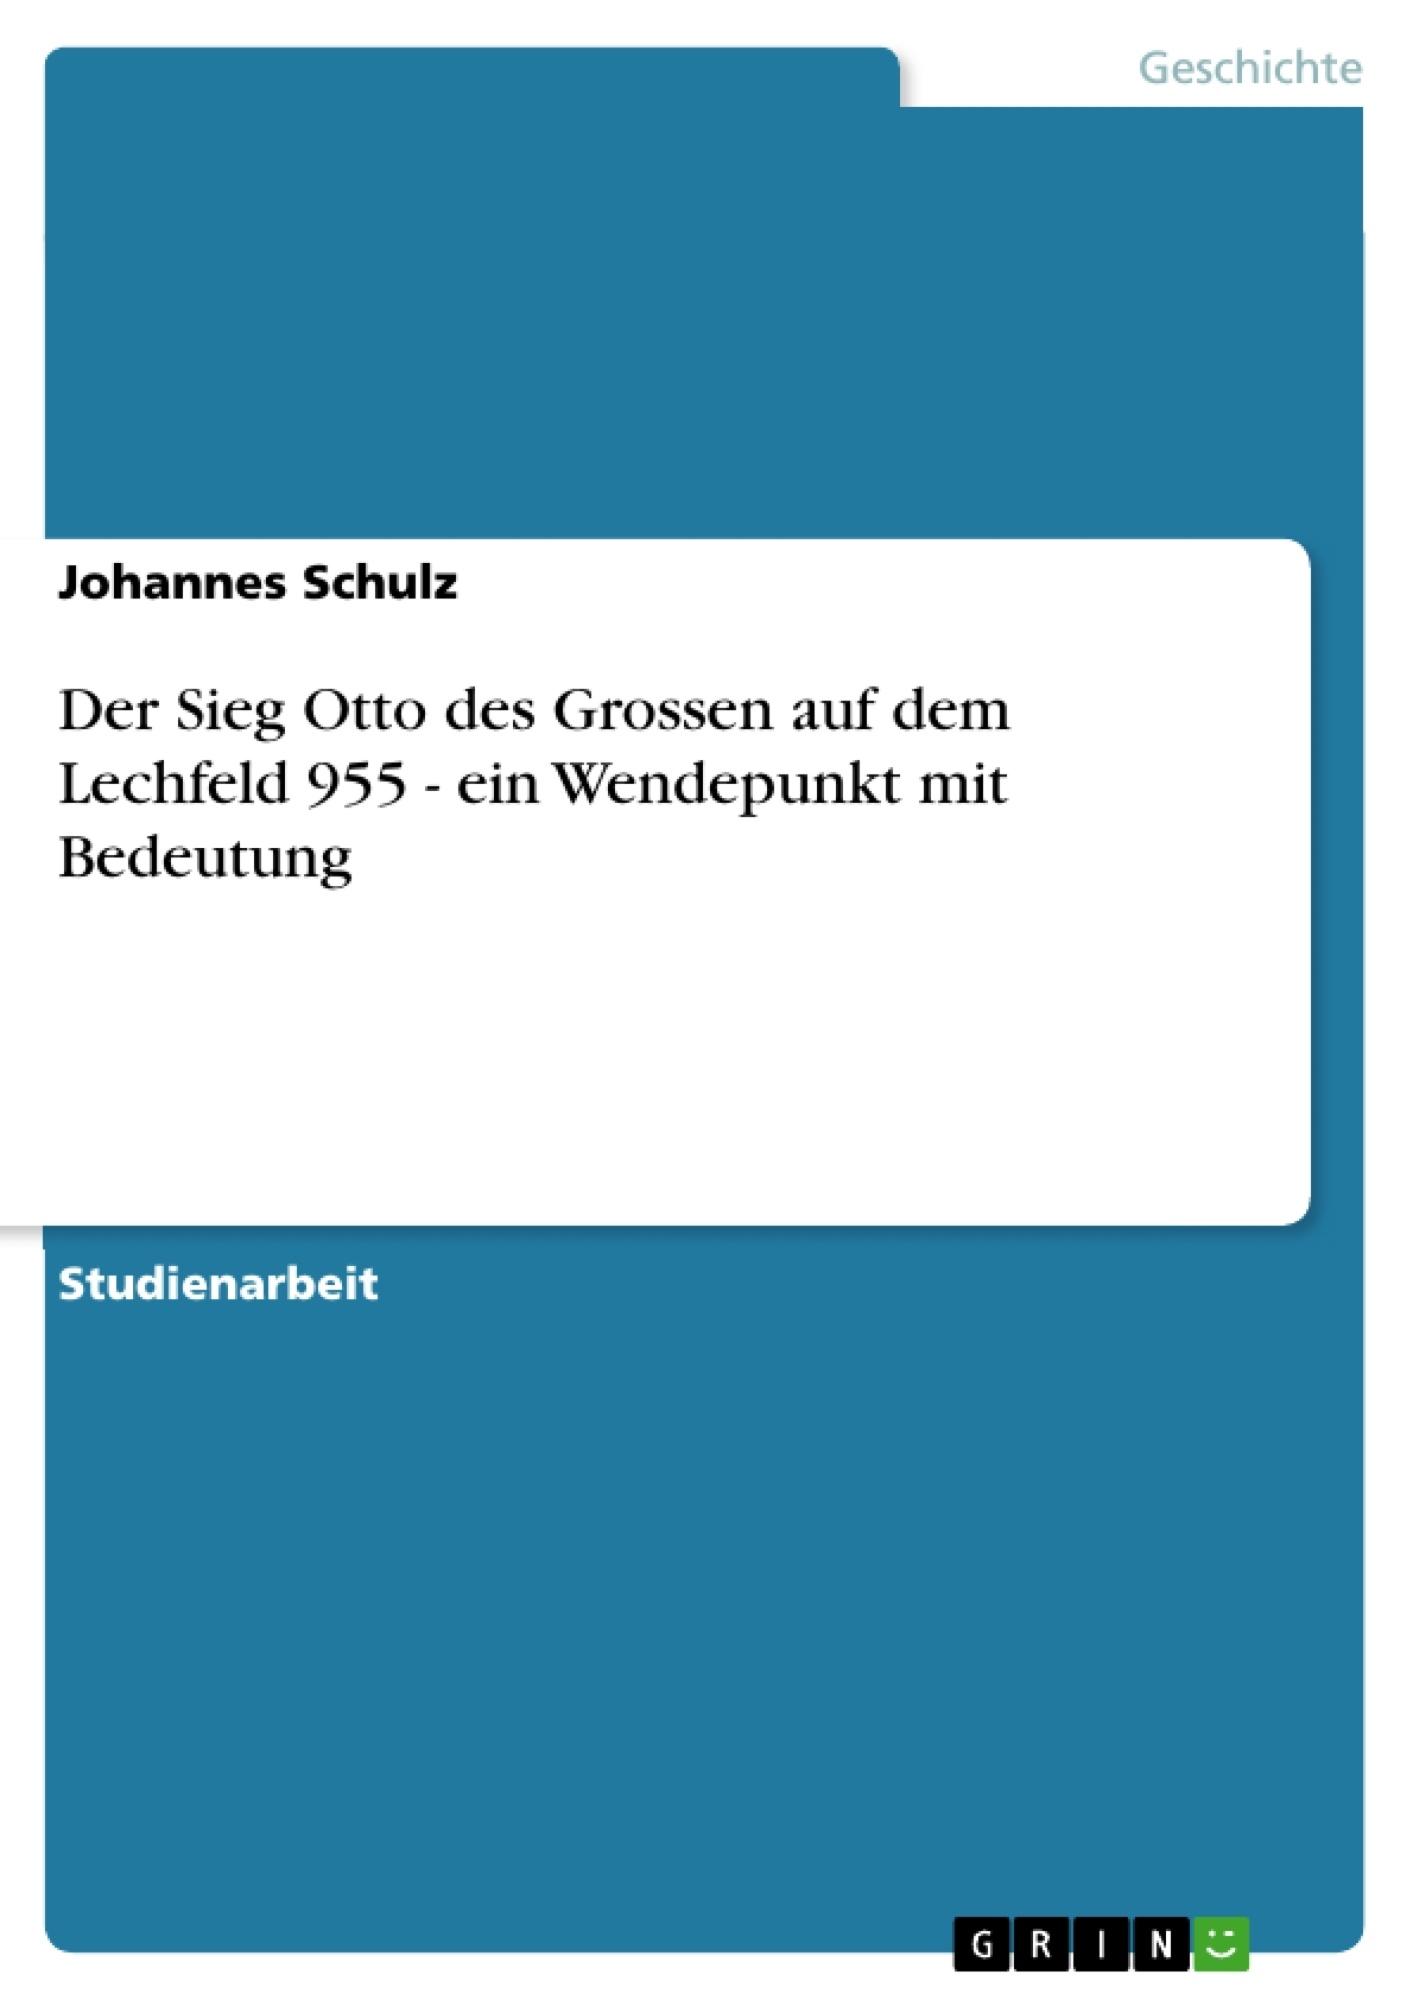 Titel: Der Sieg Otto des Grossen auf dem Lechfeld 955 - ein Wendepunkt mit Bedeutung